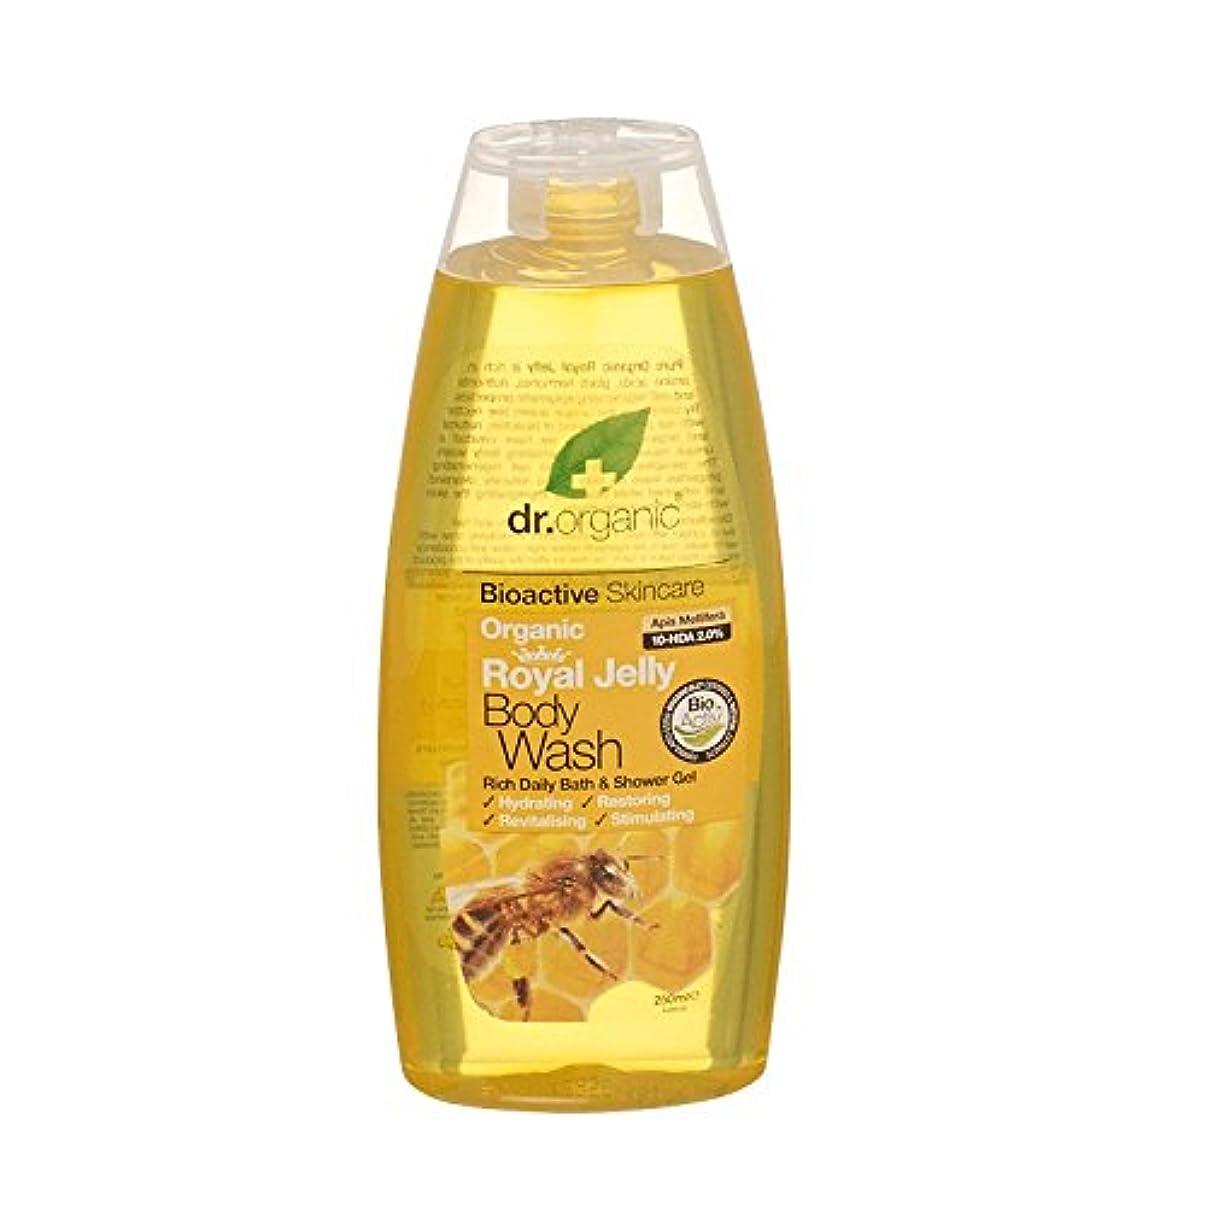 暴徒征服五月Dr Organic Royal Jelly Body Wash (Pack of 6) - Dr有機ローヤルゼリーボディウォッシュ (x6) [並行輸入品]